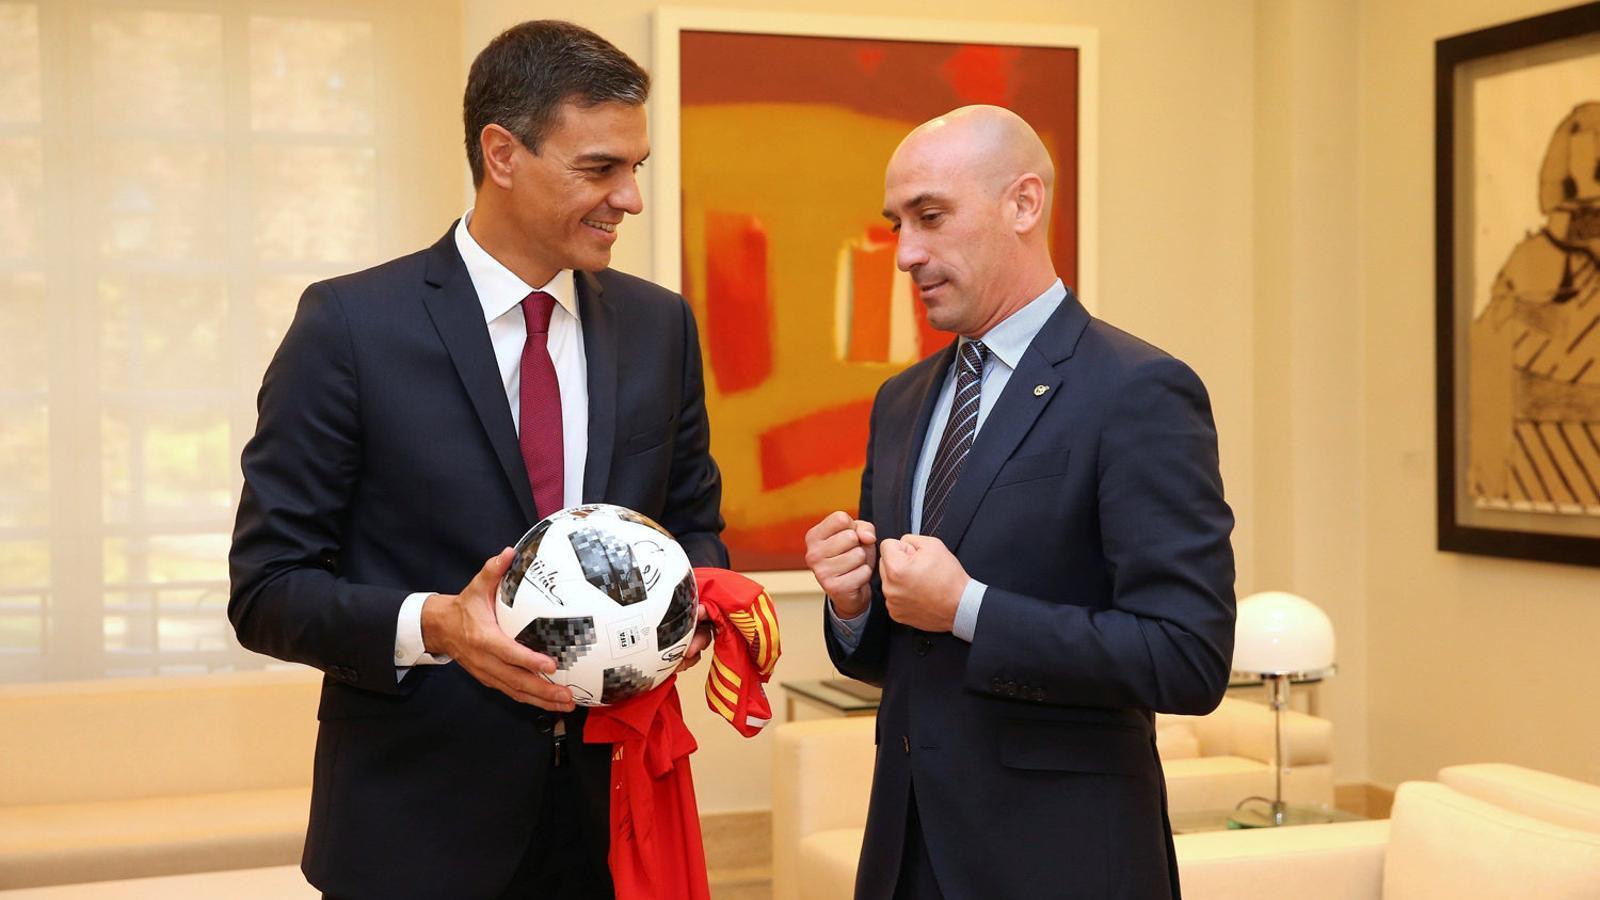 Pedro Sánchez amb el president de la Federació Luis Rubiales ahir a la Moncloa.